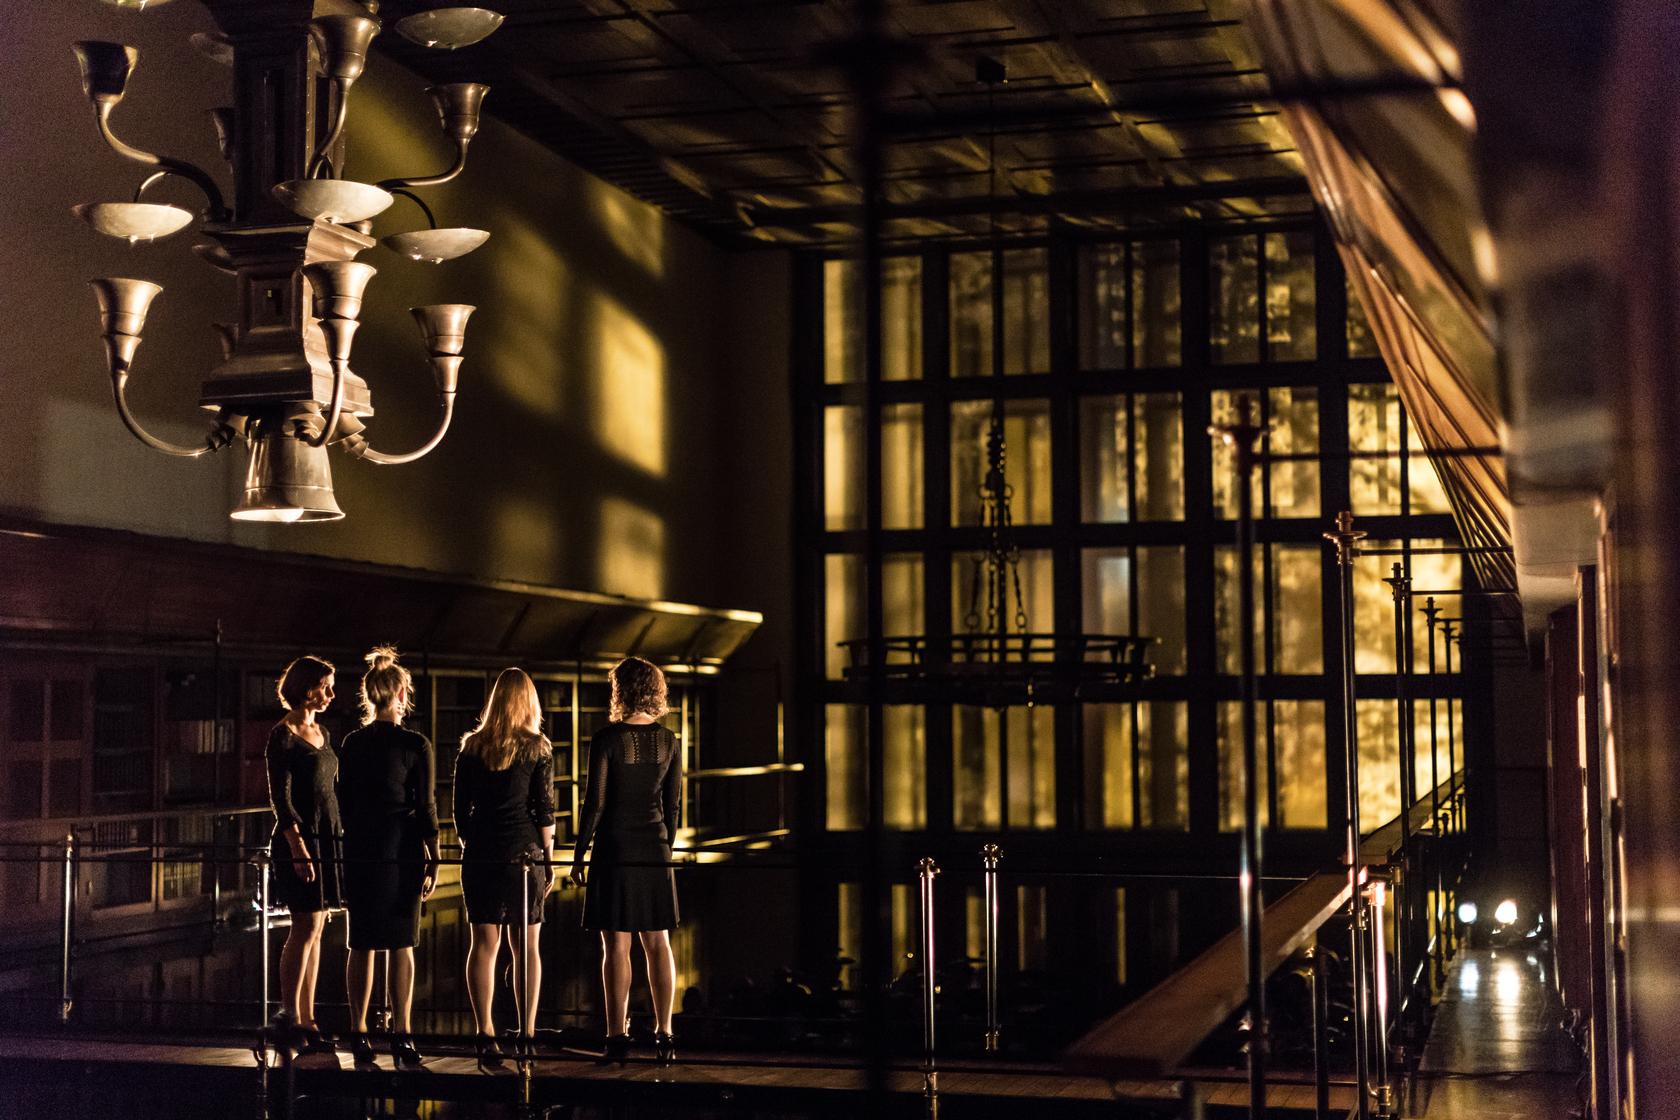 Darja Štravs Tisu, Slovenija: Gallina deLux, 2017, Vokalna skupina Gallina, Slovenija - Sklop koncertov Gallina deLux Vokalne skupine Gallina temelji na povezovanju glasbe, svetlobe in arhitekture. Arhitekturno in akustično atraktivne prostore z uporabo oblikovanja svetlobe zasedba povezuje z glasbenim vzdušjem posameznih skladb iz raznovrstnega programa.